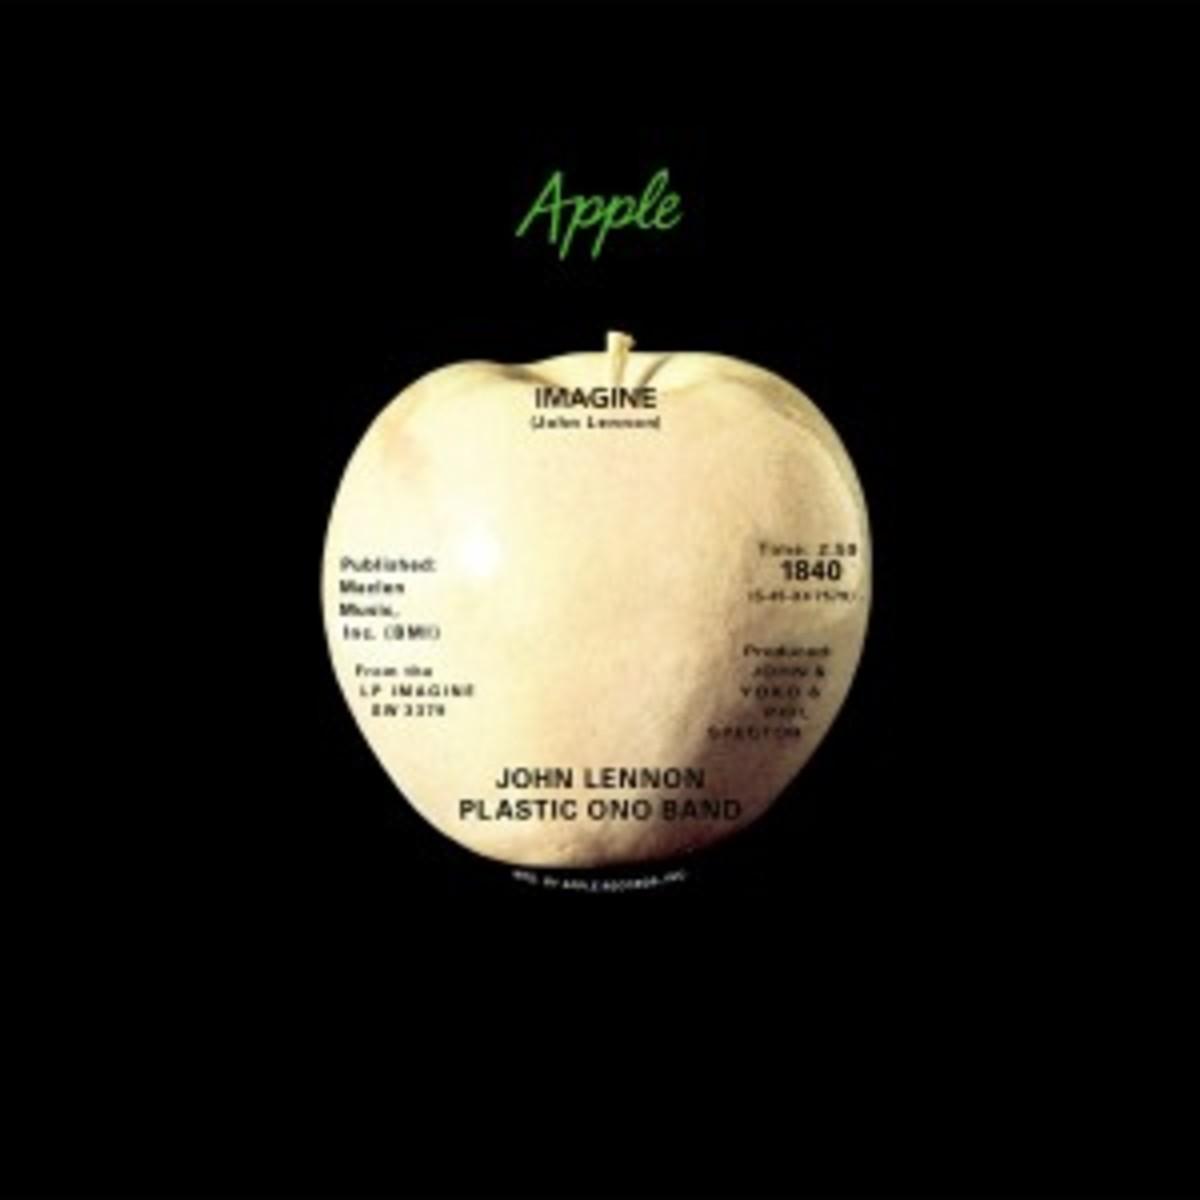 John Lennon - Imagine - single art